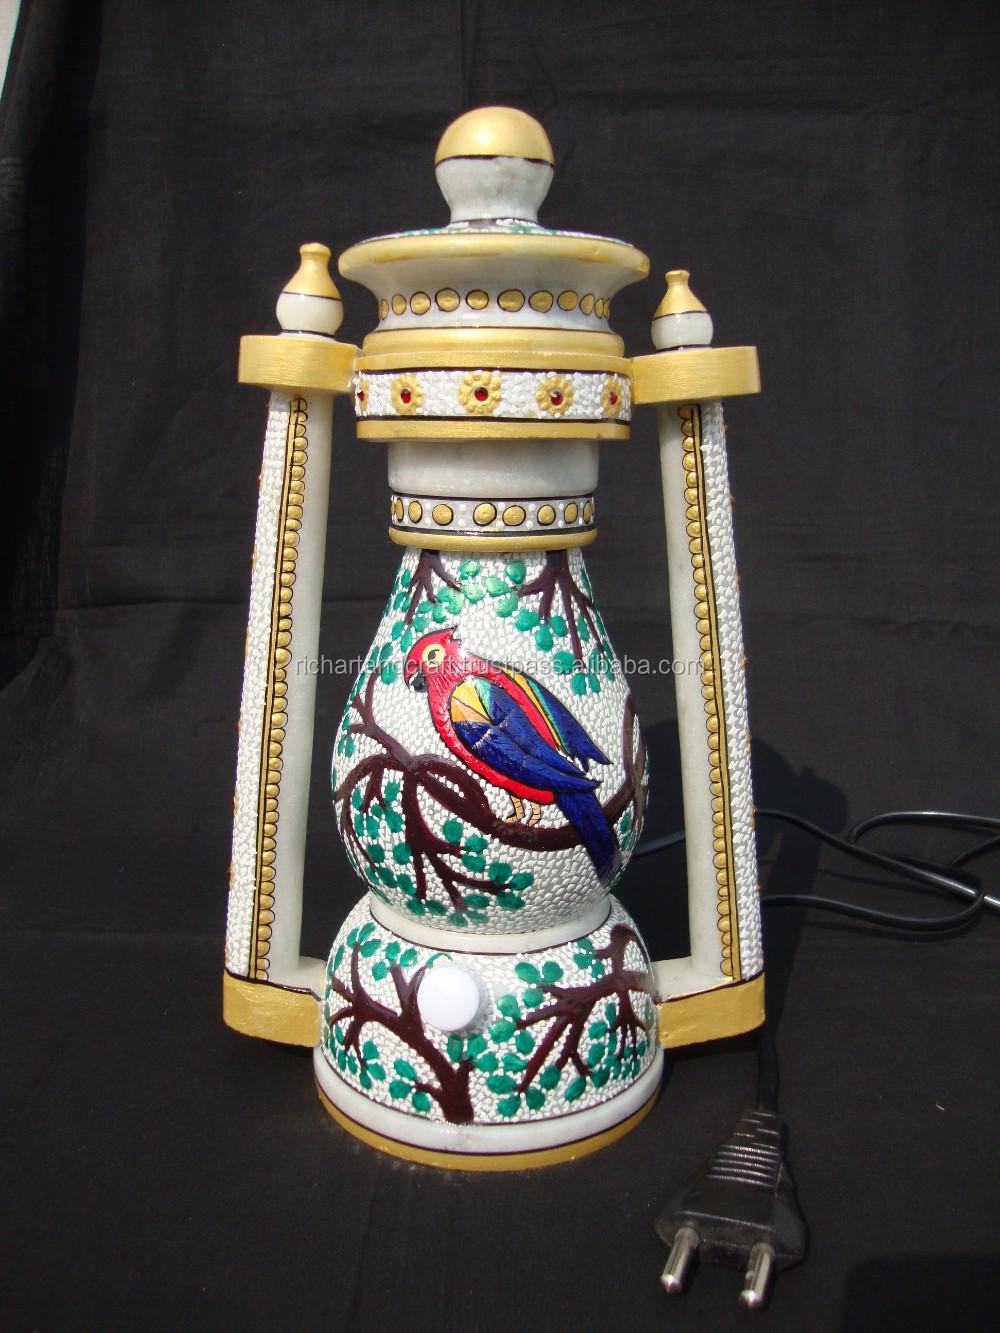 Artes E Ofícios de Pedra de Mármore Natural Rico Lâmpada Noite Presente Decor Home presente de natal Feito À Mão lanterna